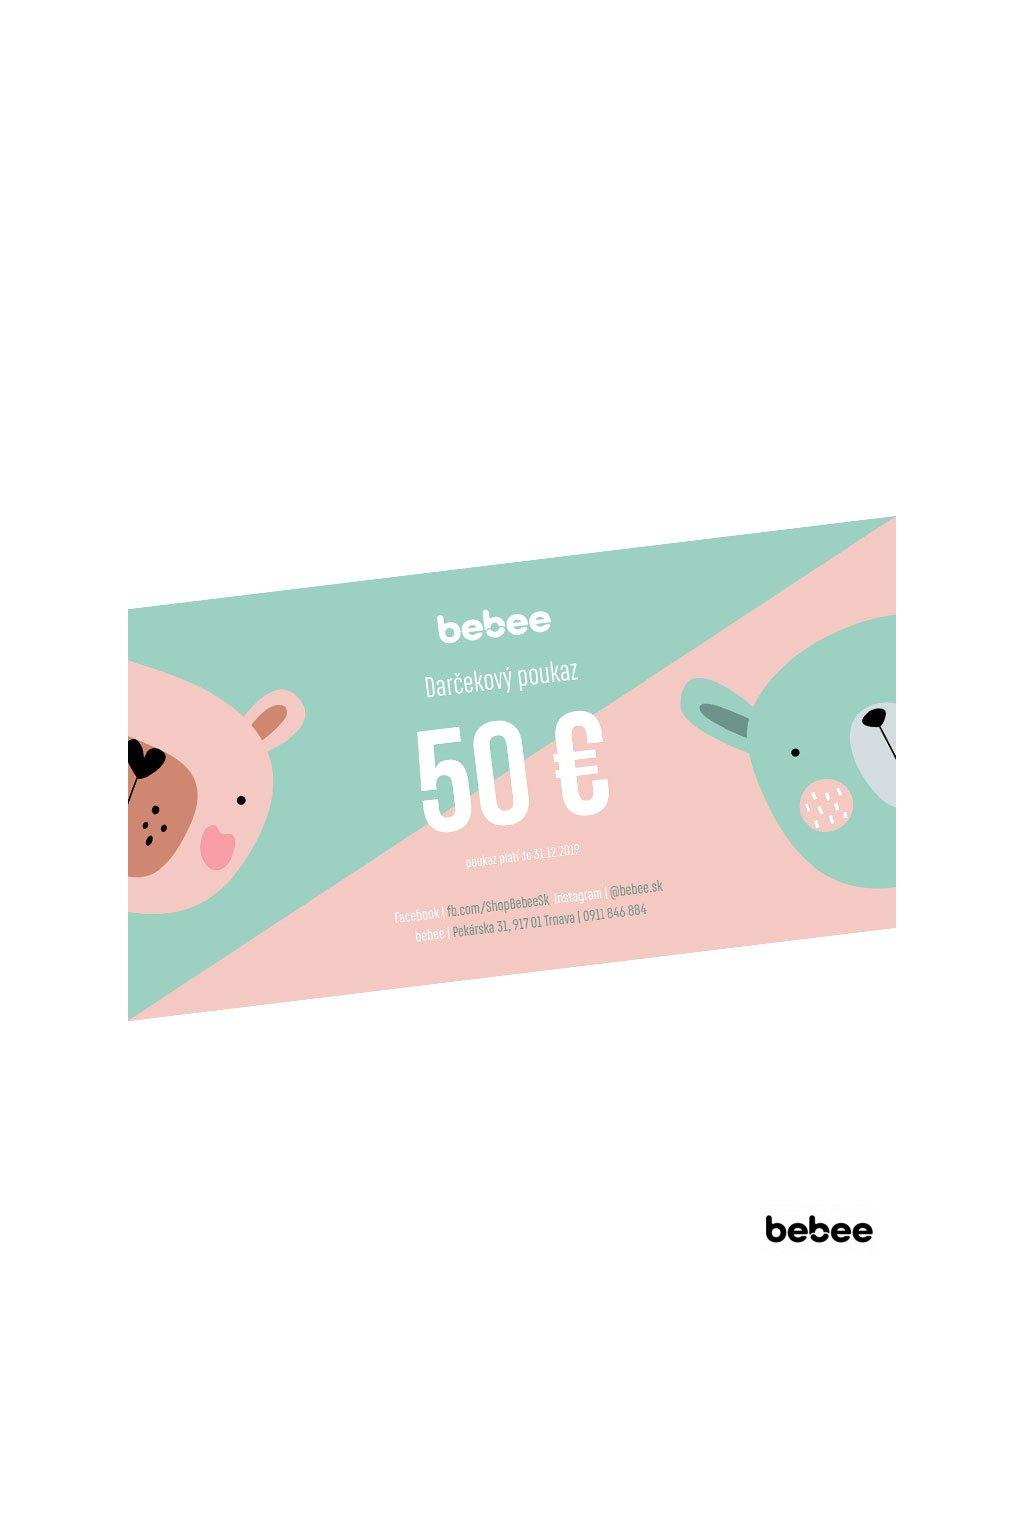 darcekovy poukaz bebee 50e